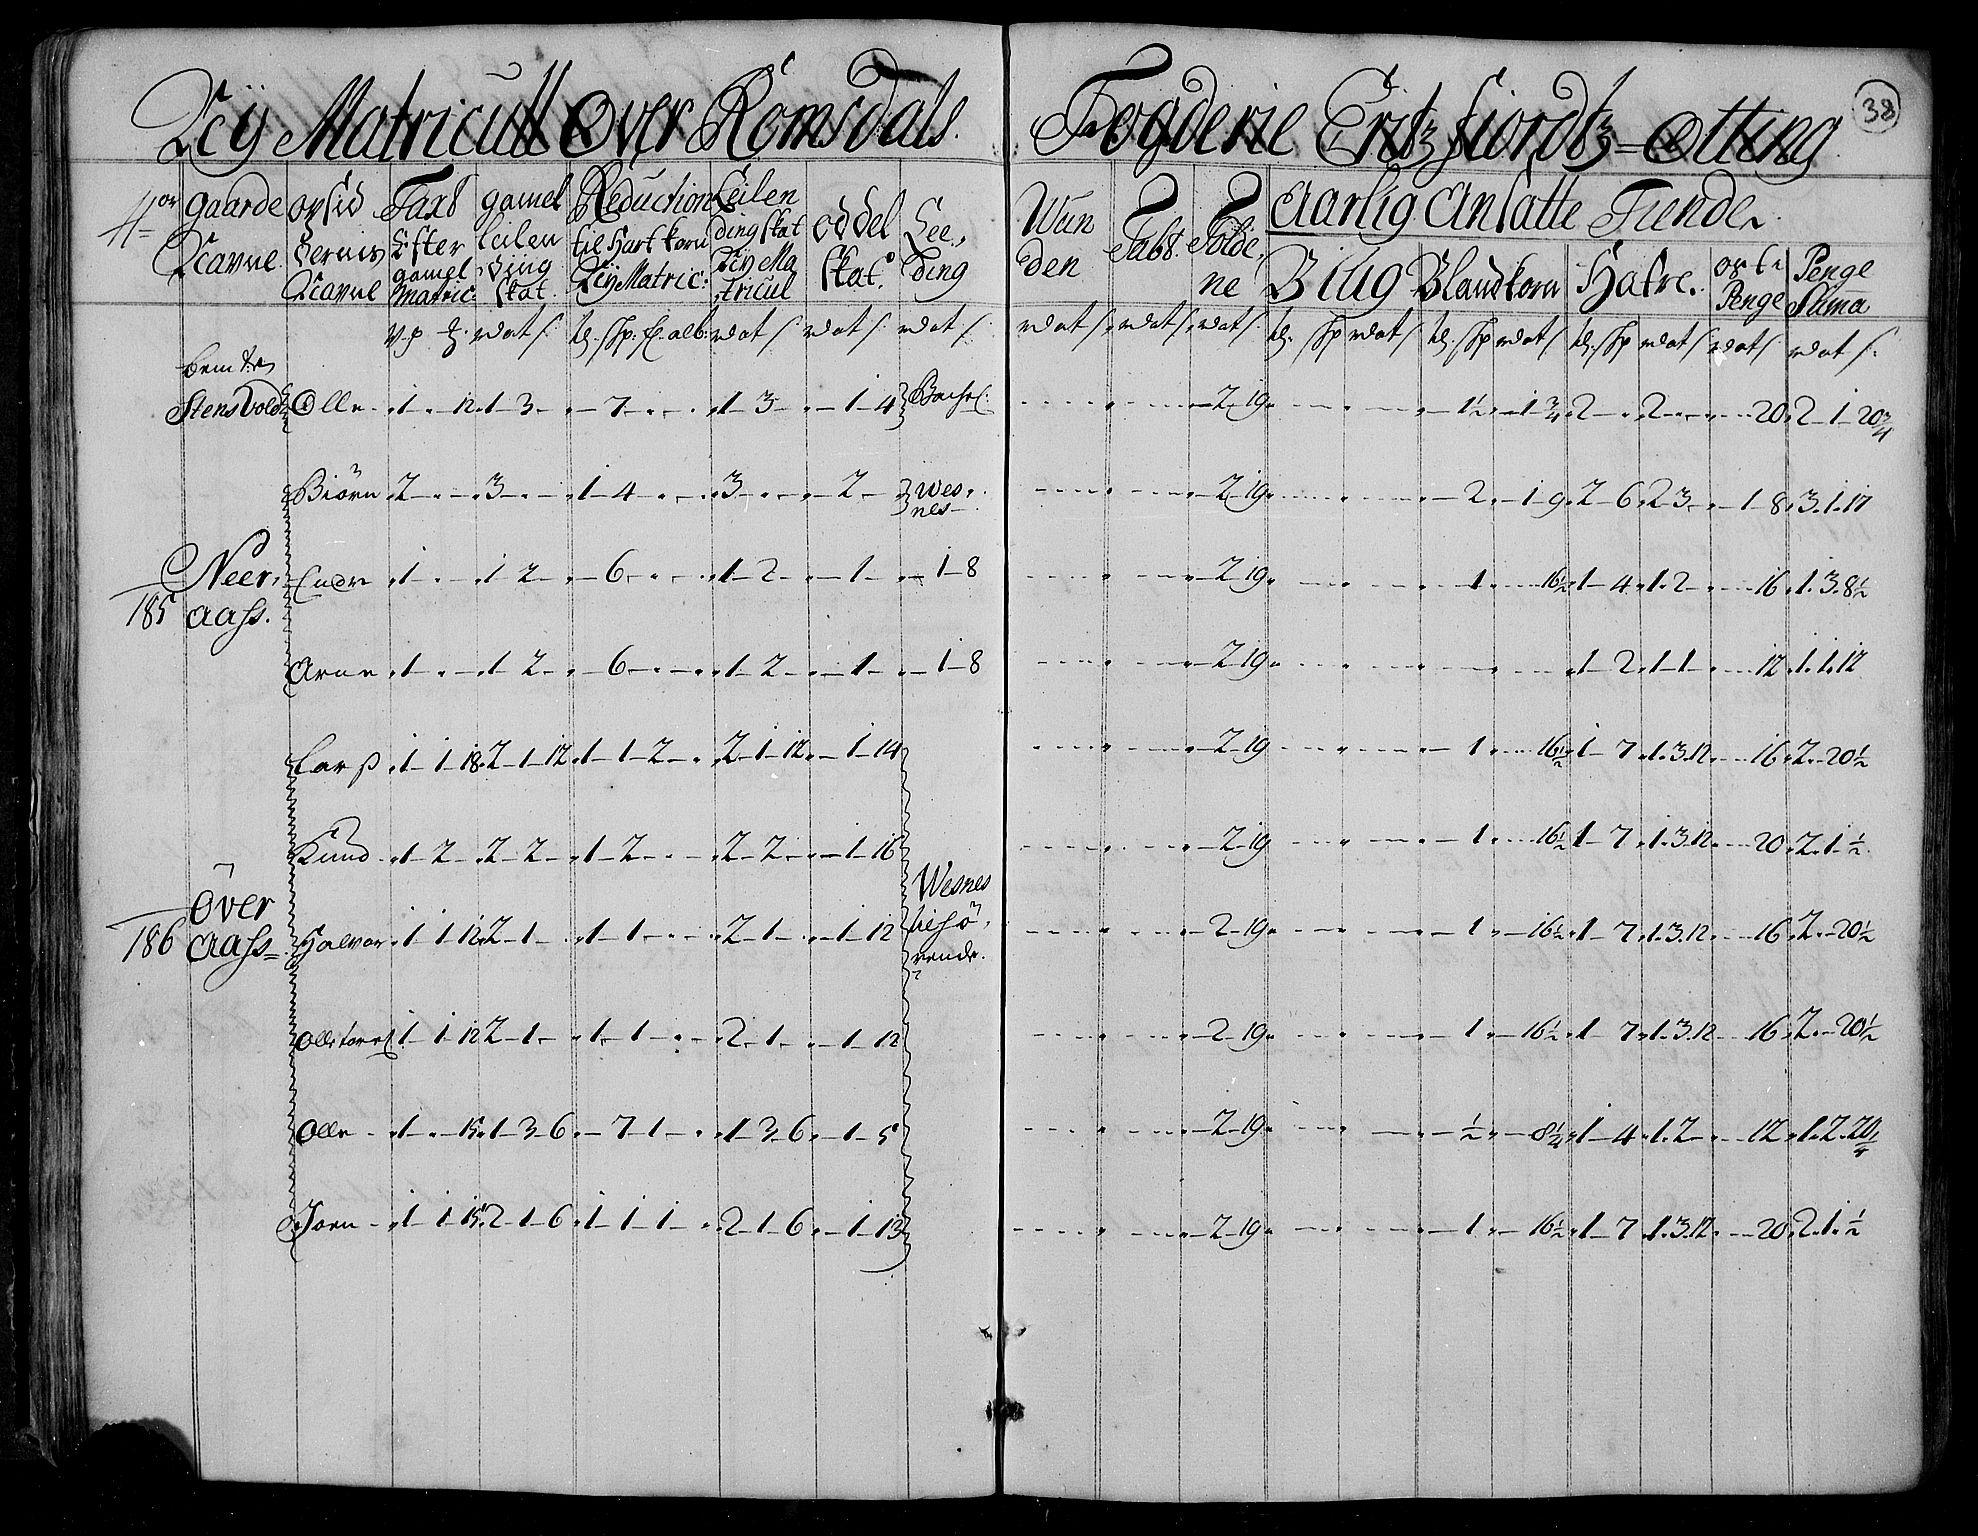 RA, Rentekammeret inntil 1814, Realistisk ordnet avdeling, N/Nb/Nbf/L0153: Romsdal matrikkelprotokoll, 1724, s. 39